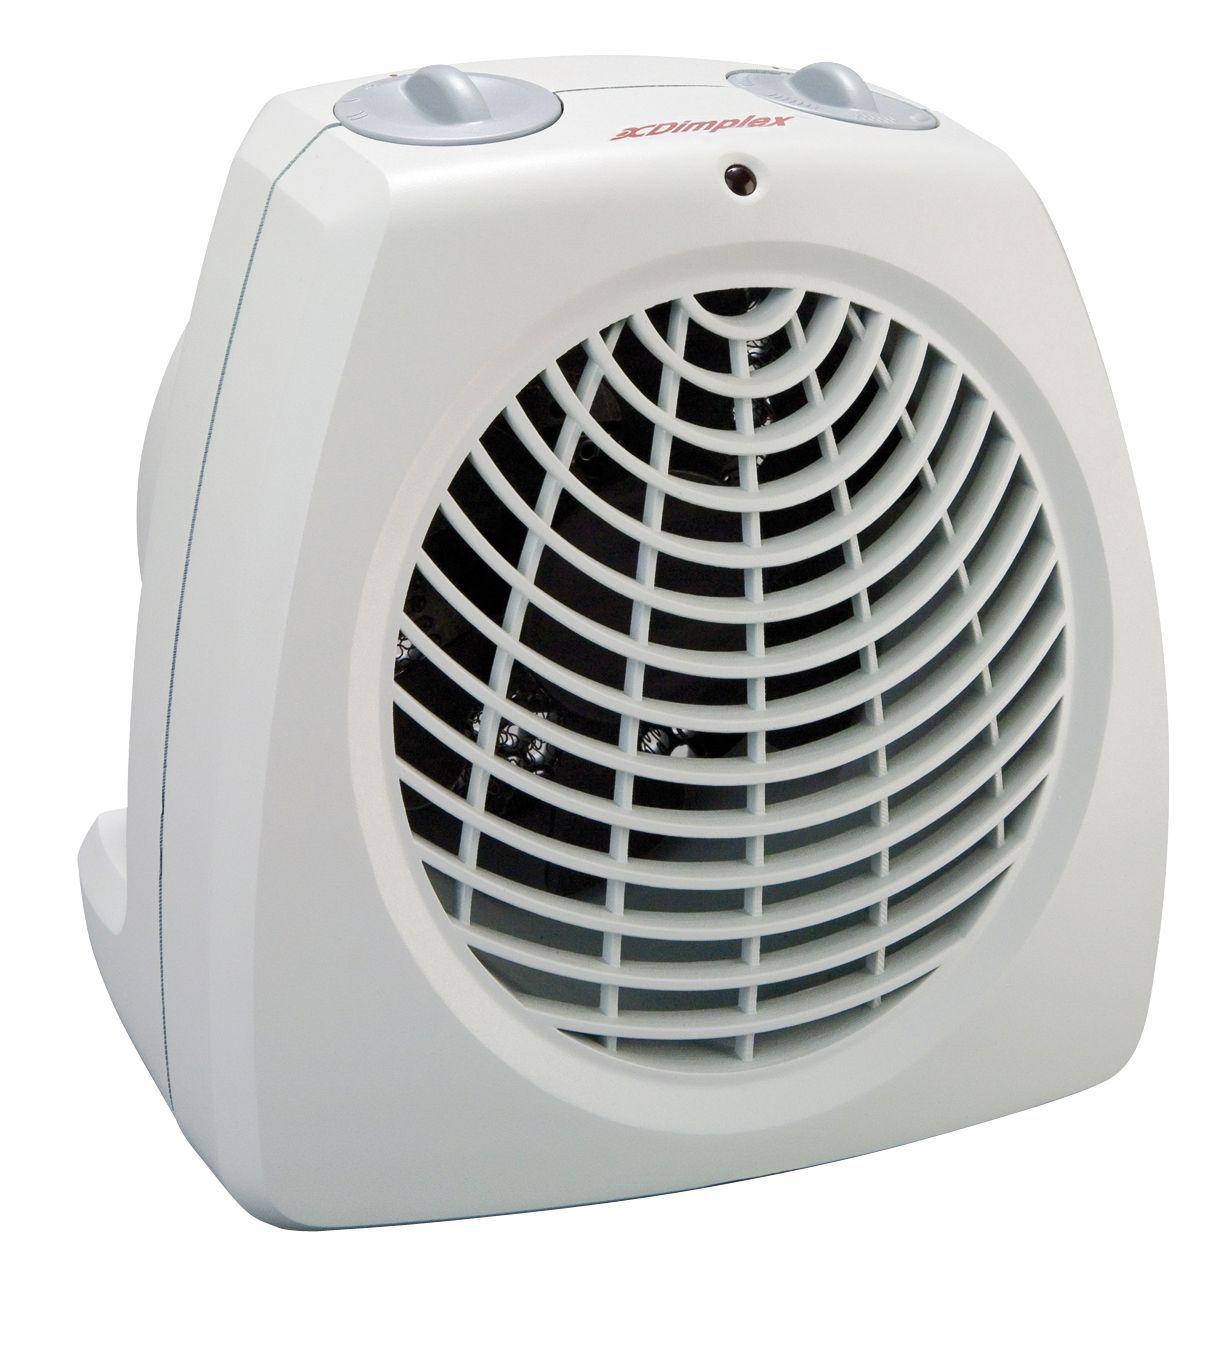 Diy Usb Fan Heater: Dimplex Electric 3000W White Fan Heater